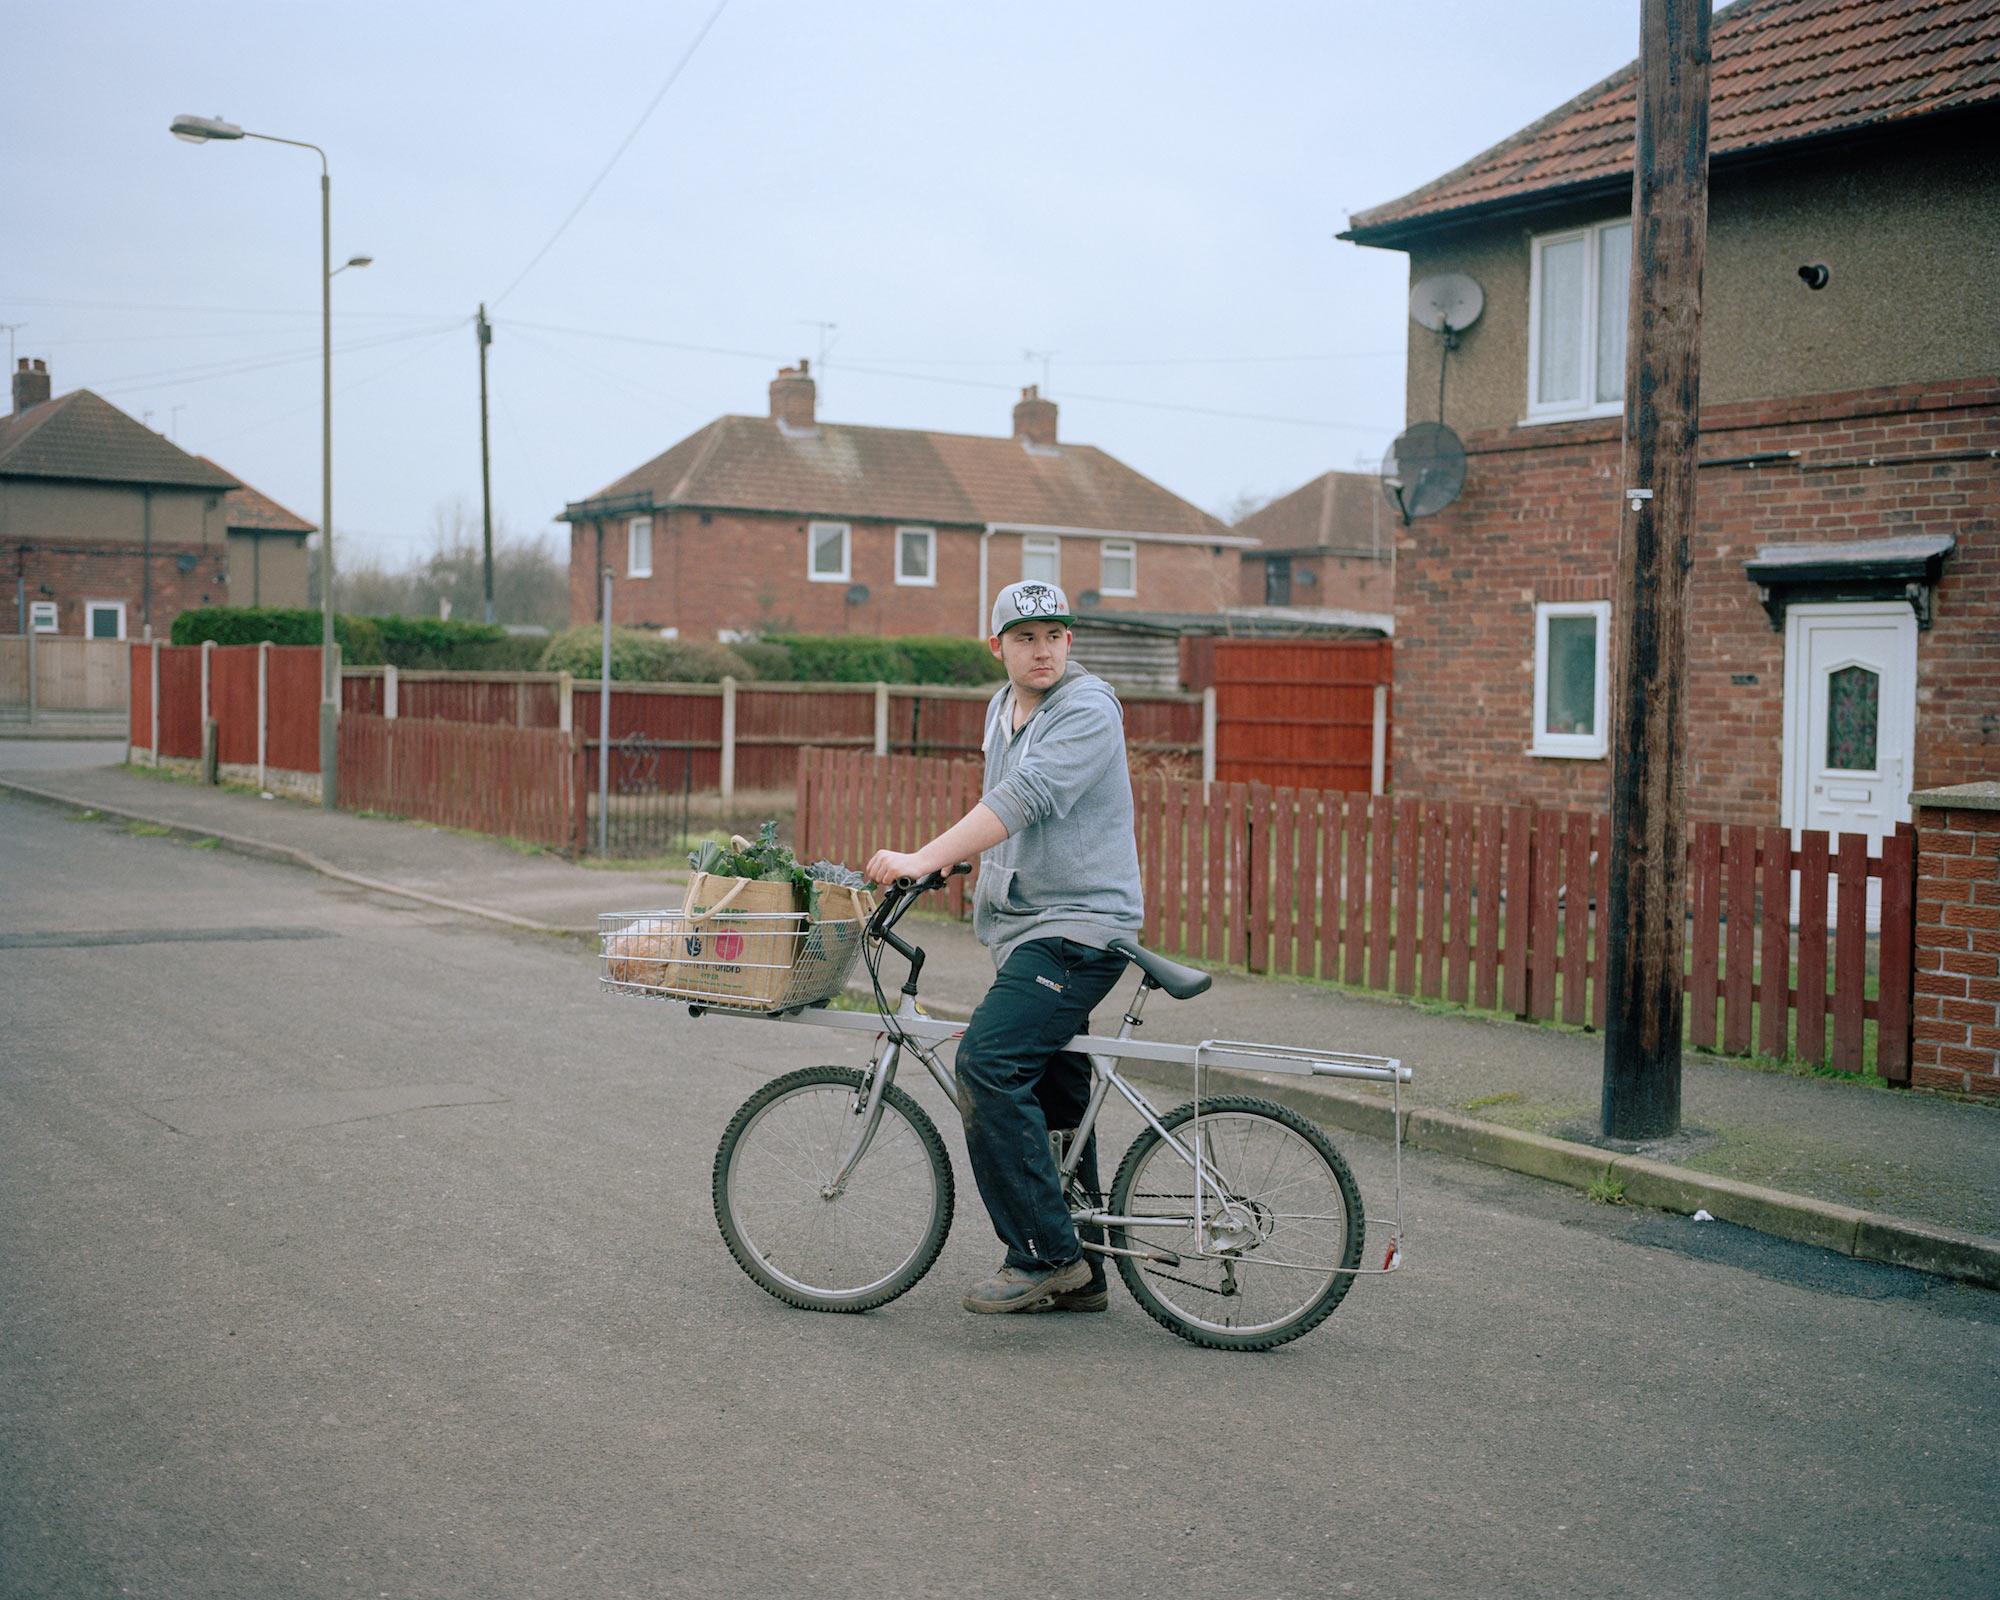 Djay delivering groceries, Langwith, Derbyshire.